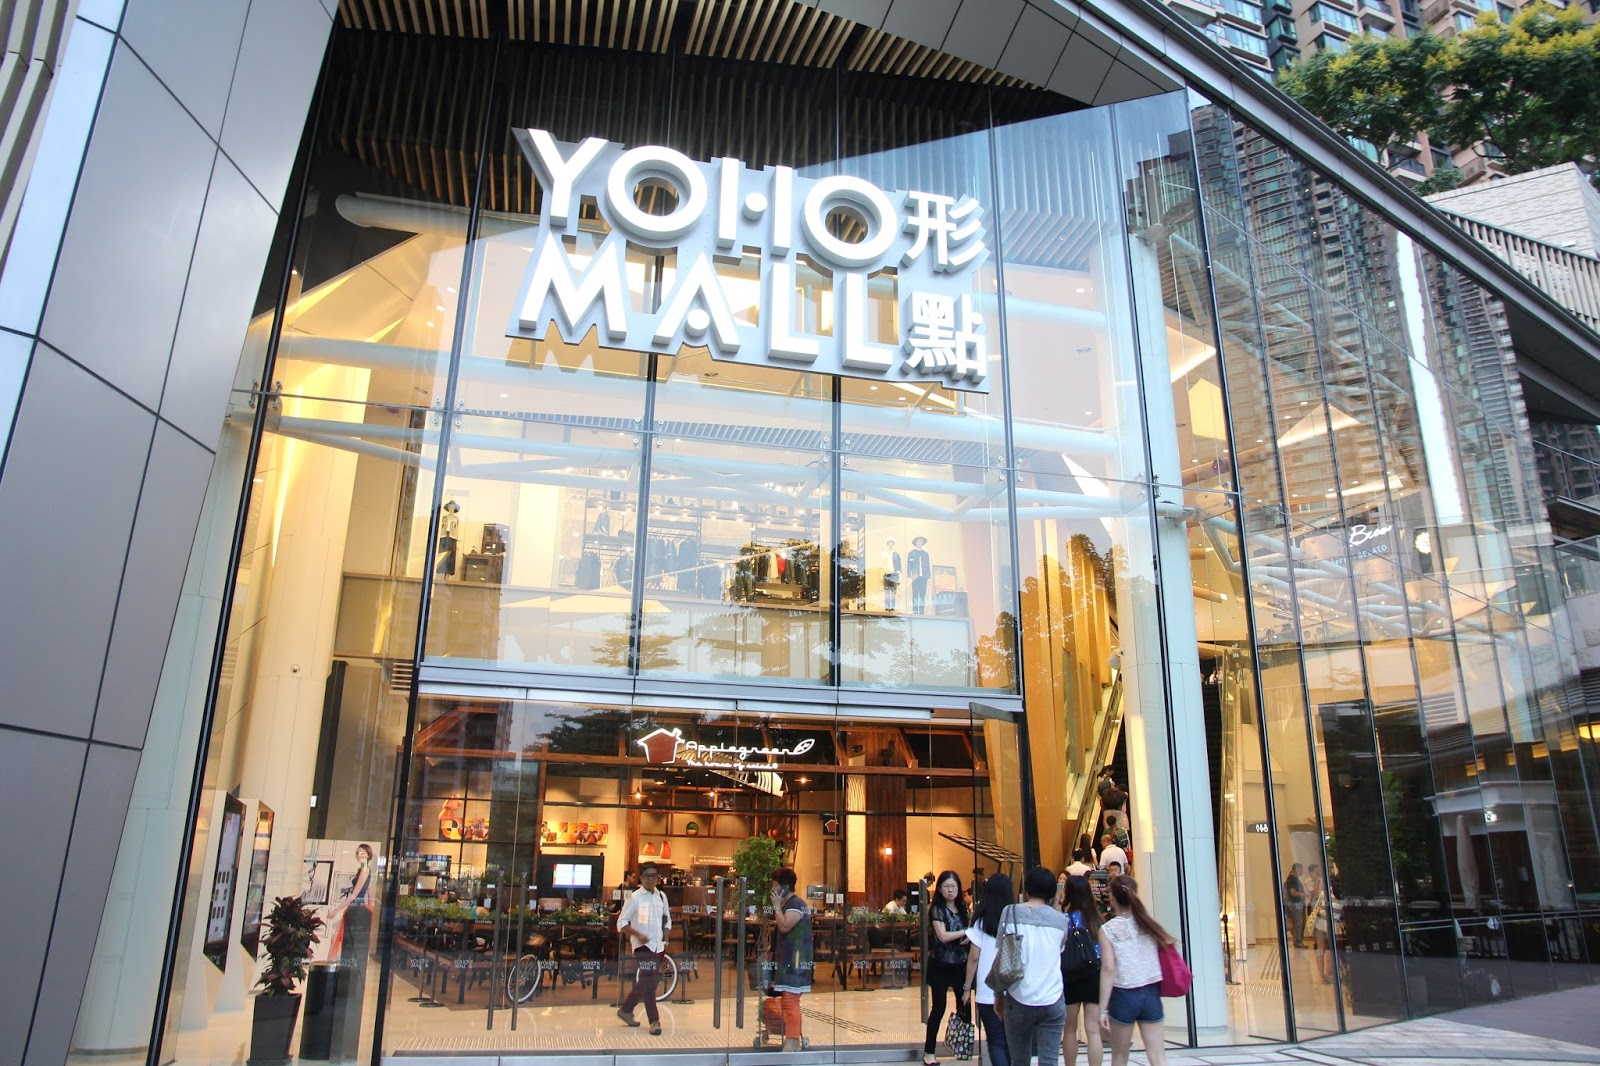 元朗 人氣新熱點 YOHO MALL 形點 大型 商場 美食玩樂購物盡在此 樓 | 林公子生活遊記 – U Blog 博客